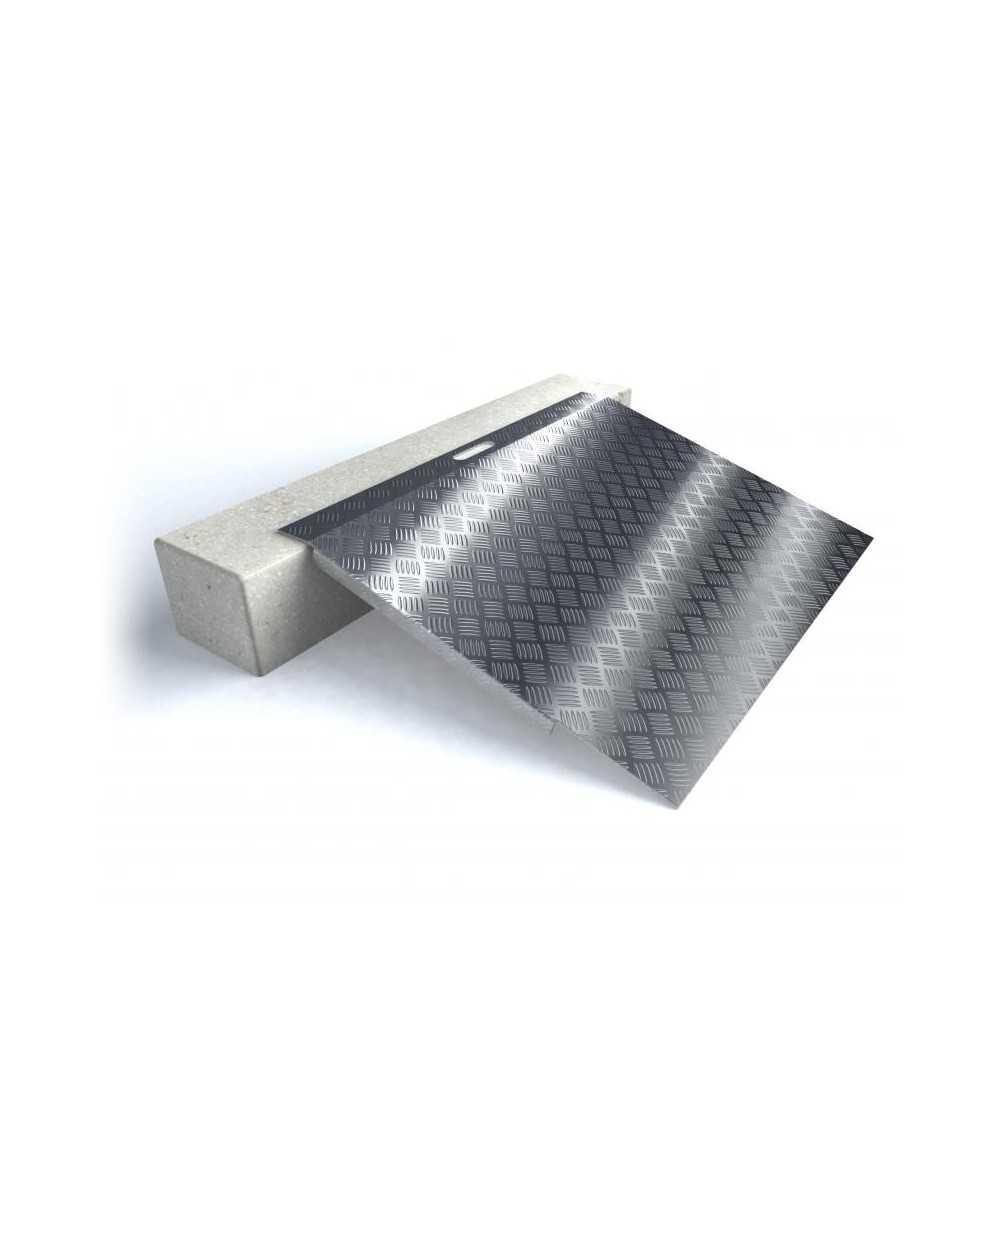 Rampe de seuil en aluminium type 3 - longueur 78 cm - hauteur de 5 à 15 cm.